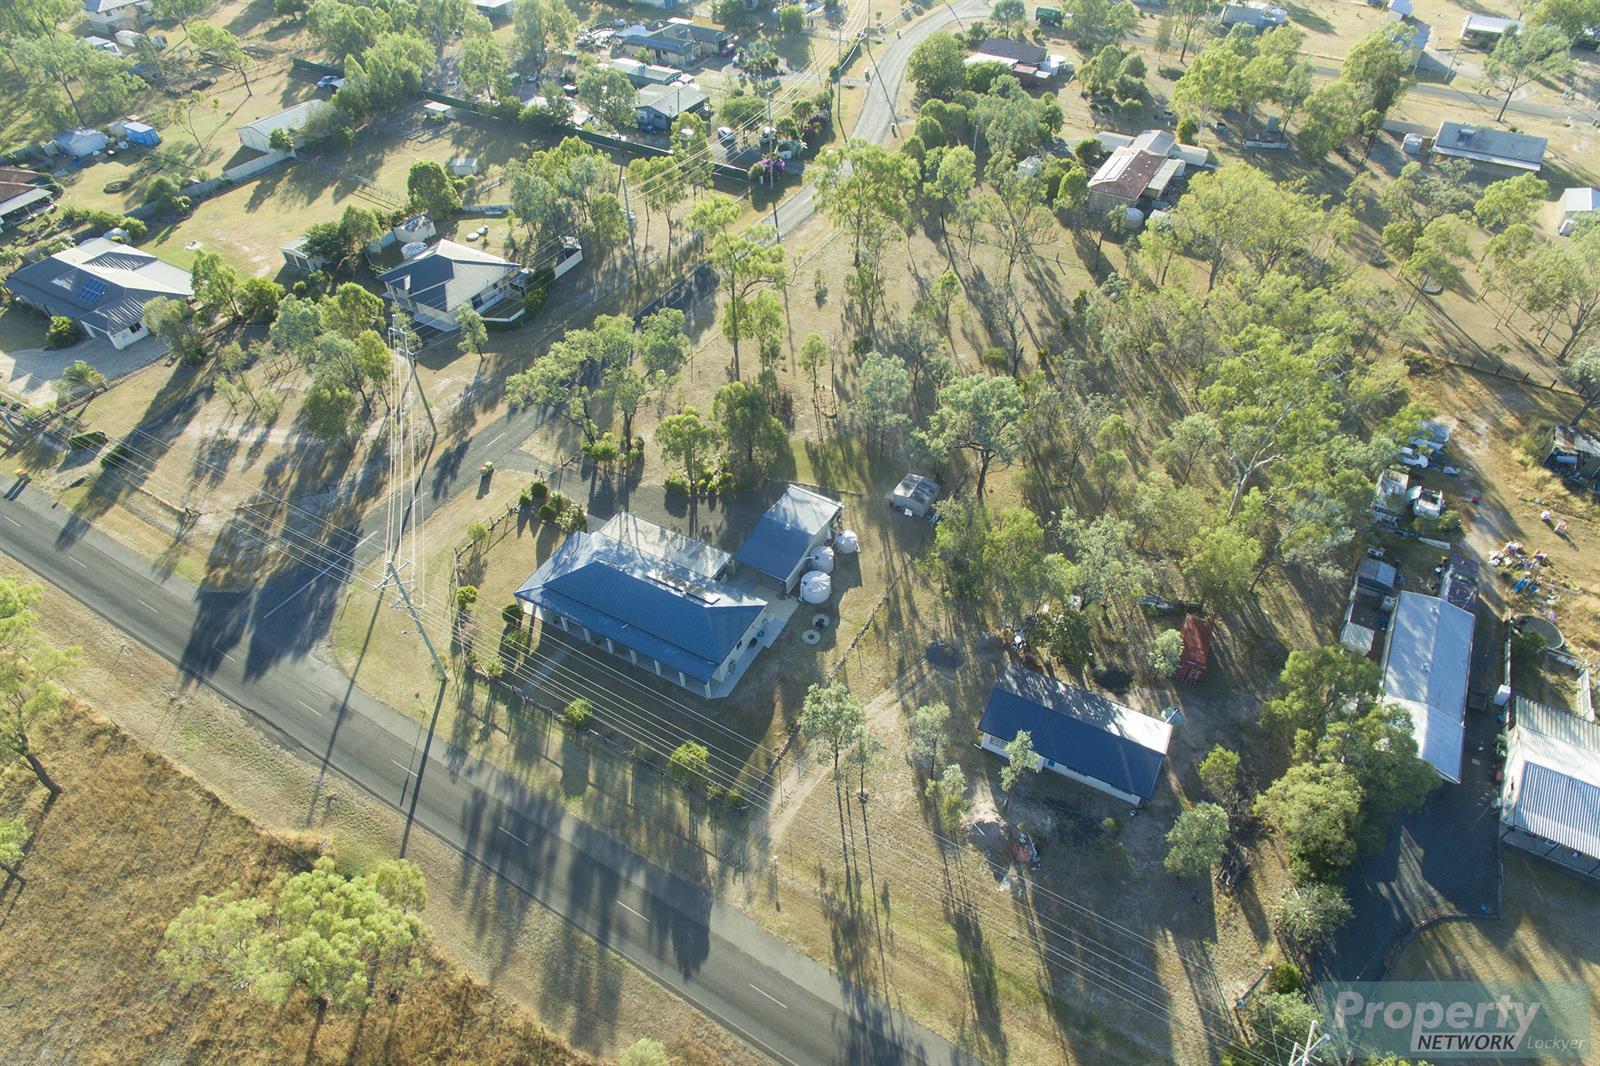 50 VILLAGE ROAD LOCKROSE QLD 4342 Image 26